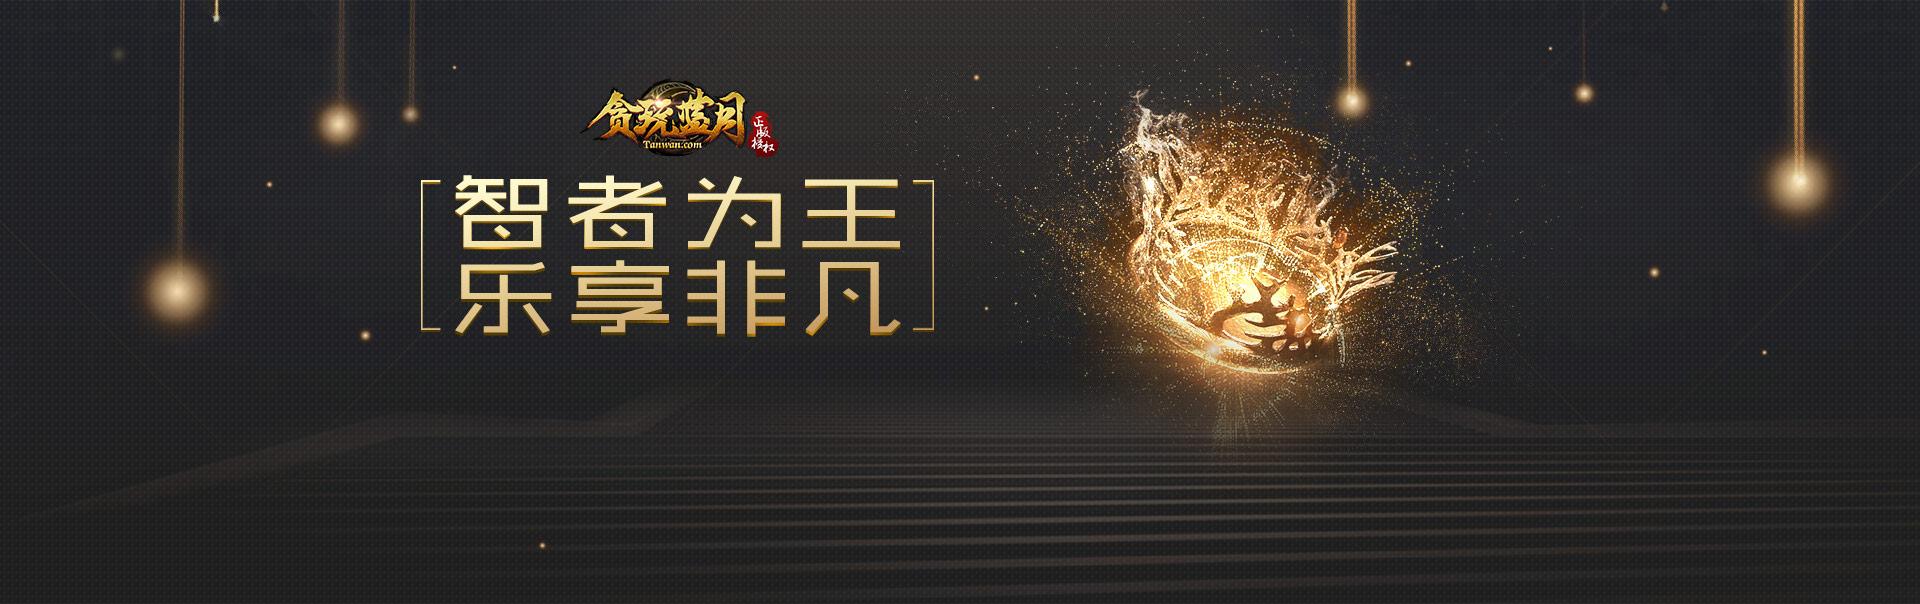 《青娱乐在线蓝月》智者为王,乐享非凡-瓜分千万元宝奖励